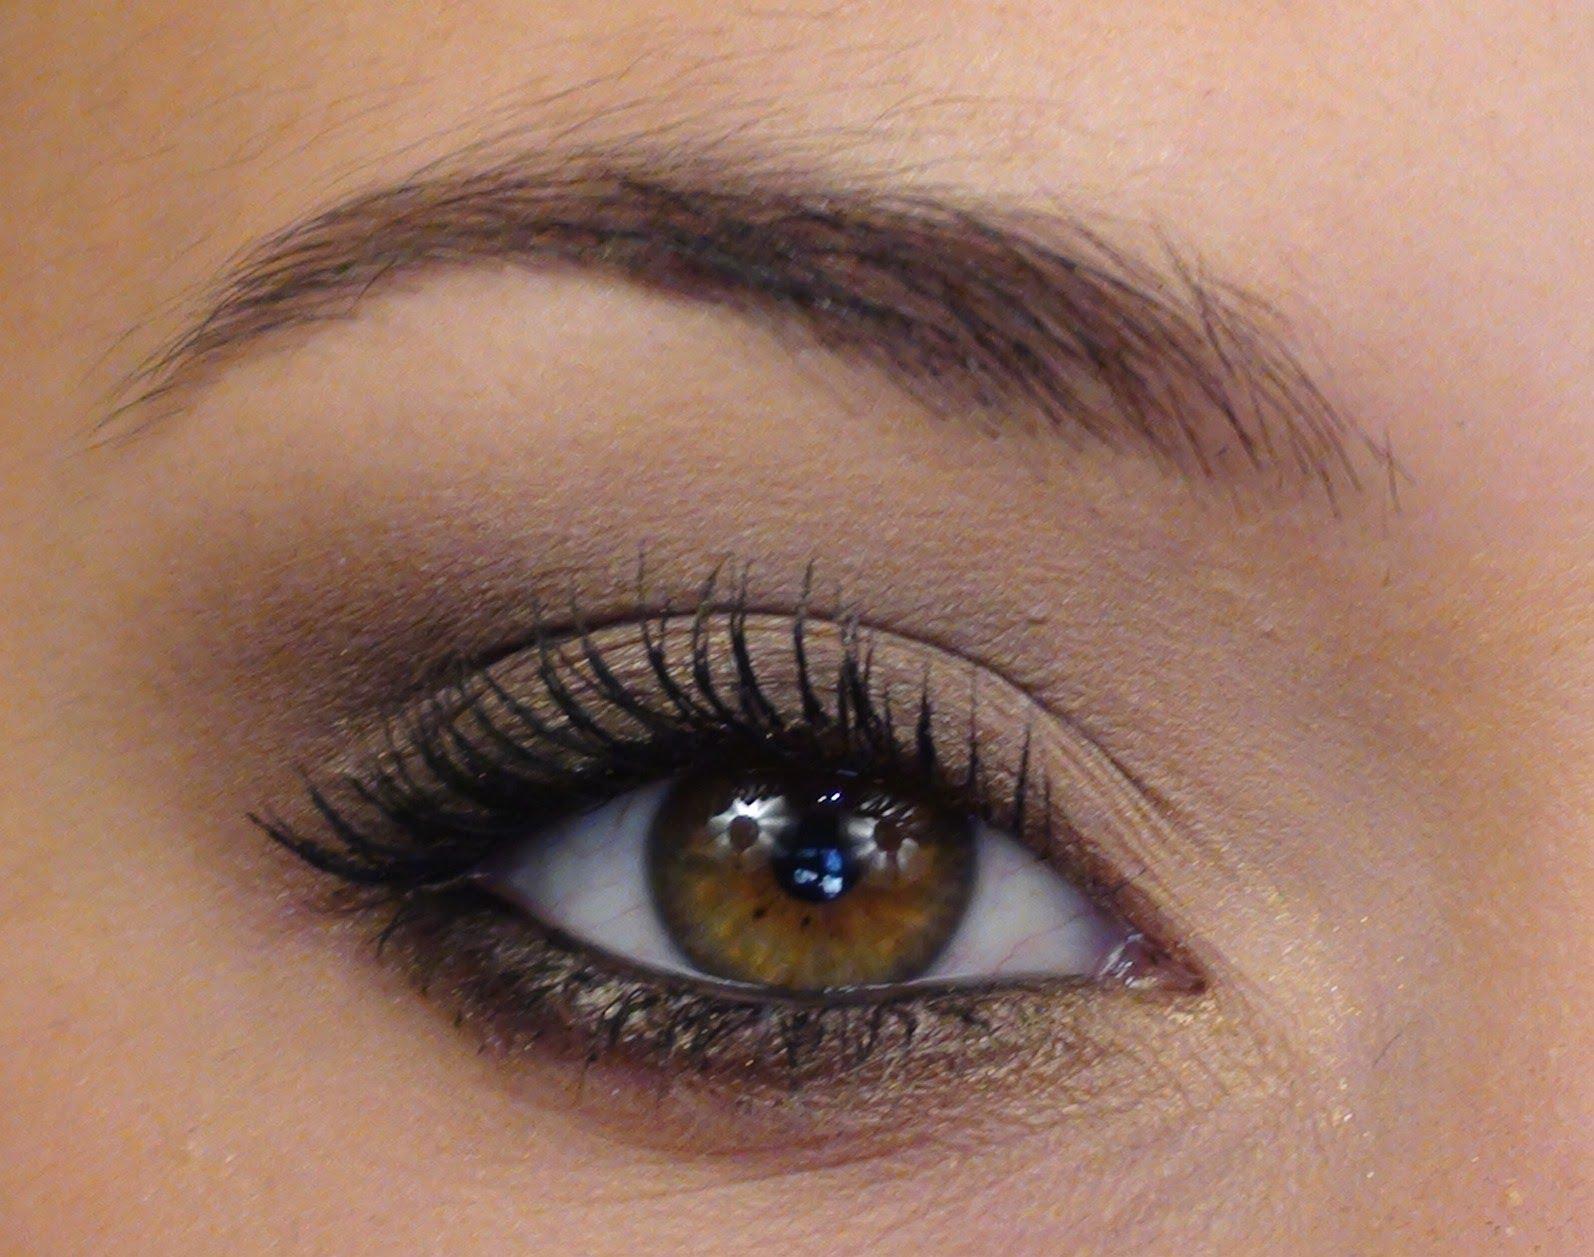 Maquillage yeux noisette comment le faire - Yeux couleur noisette ...